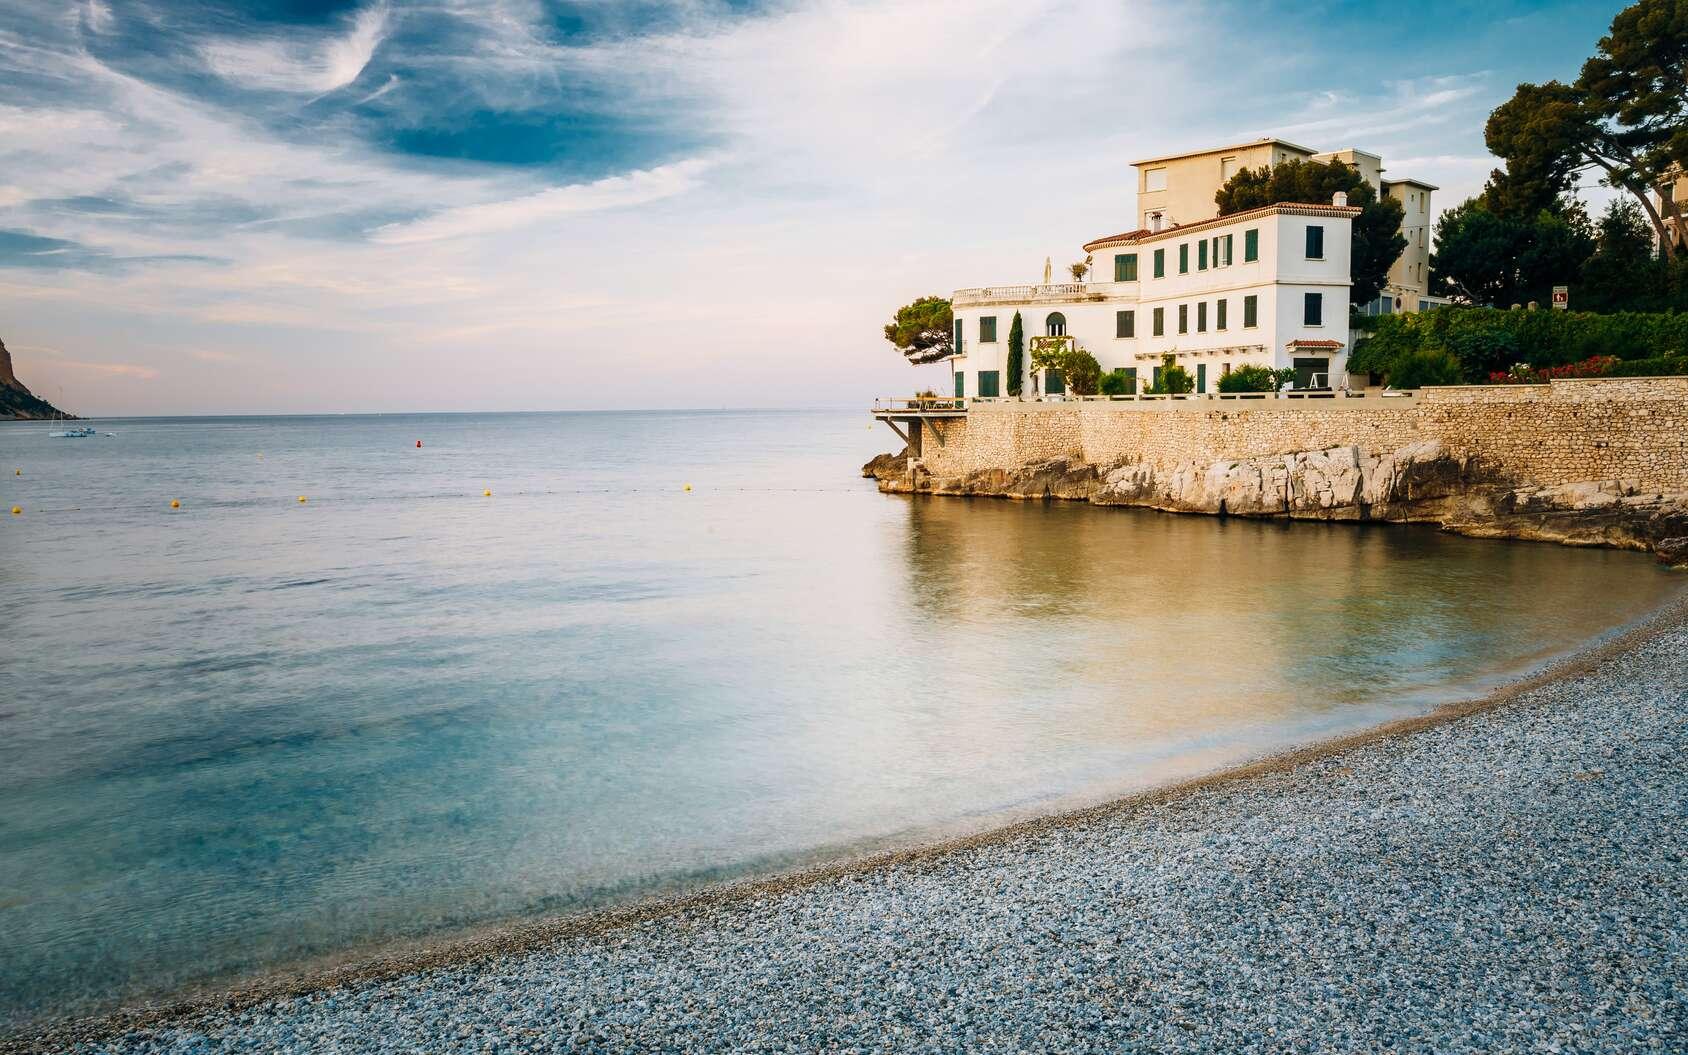 Pourquoi la marée en Méditerranée n'est-elle pas perceptible ? Photo prise près de Cassis, en Méditerranée. © Grigory Bruev, Fotolia